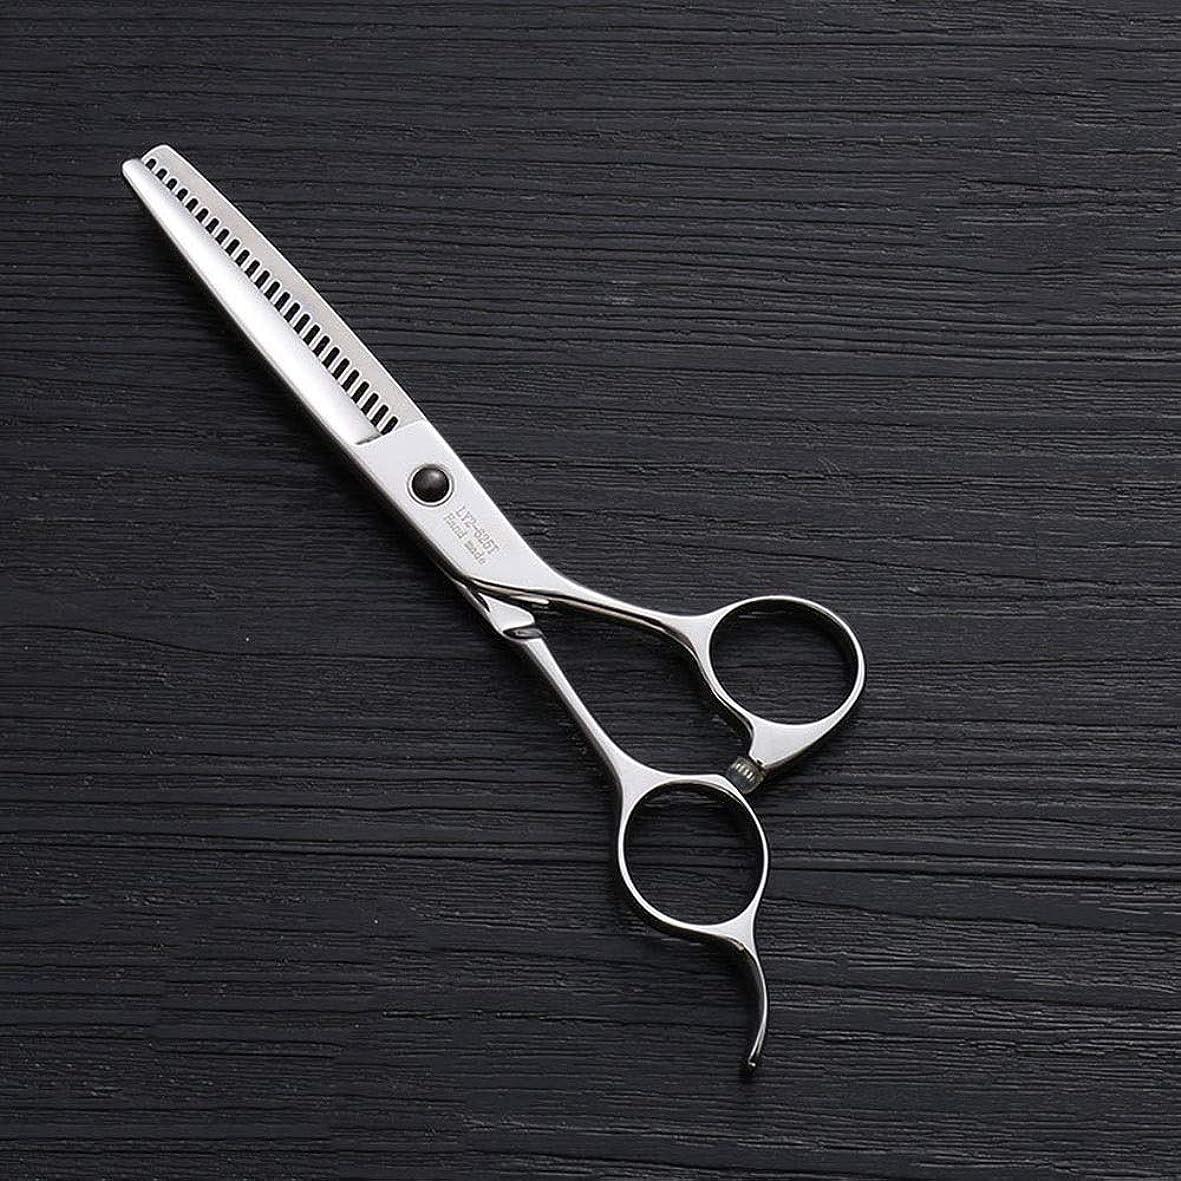 同意統計的爵カットハサミ ヘアスタイリングツール 440Cステンレス鋼ハイエンドヘアカットツール、25歯T型6インチ美容院プロフェッショナル理髪はさみ ヘアカットシザー (色 : Silver)